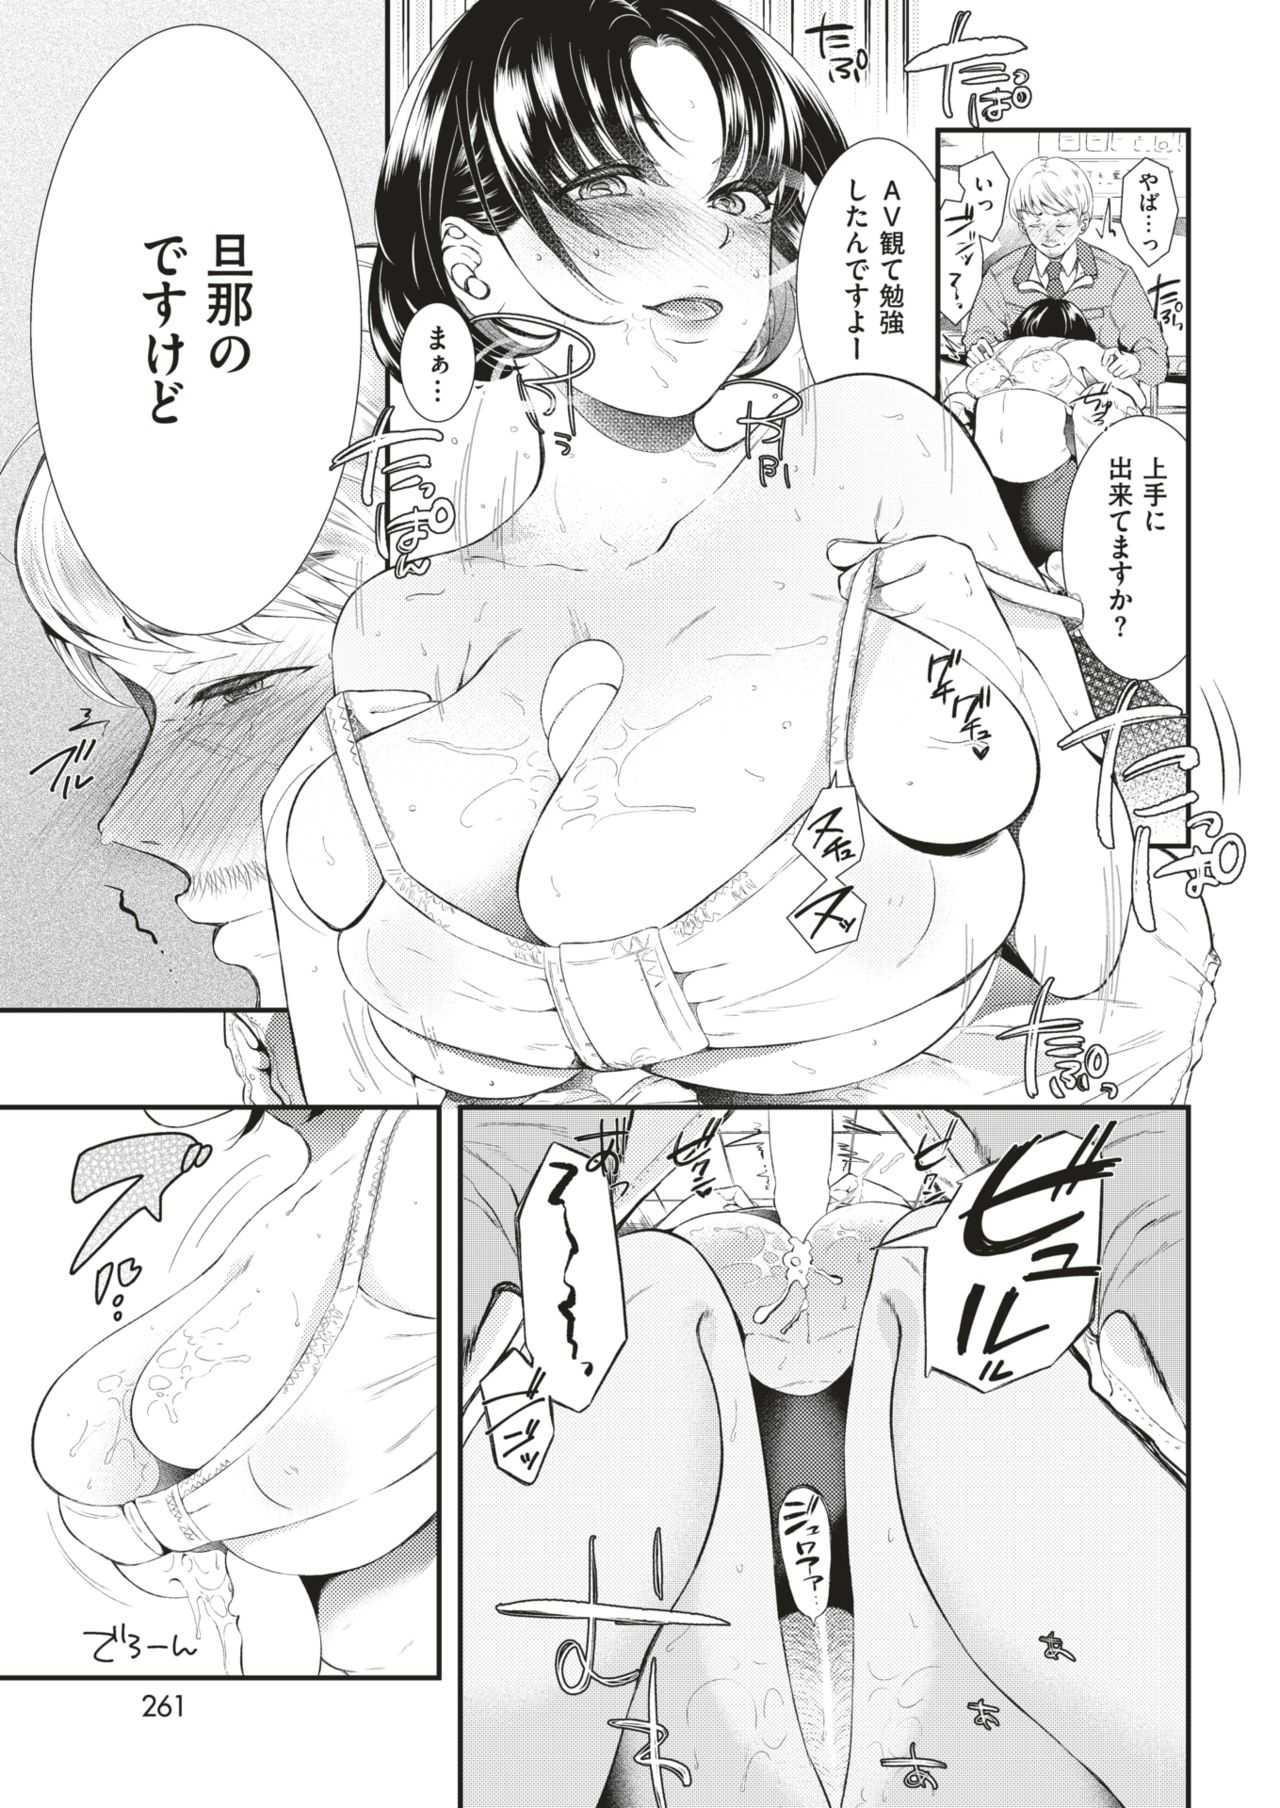 【エロ漫画】エロくて積極的な爆乳人妻に濡れたオマ○コを見せつけ挑発されるwww